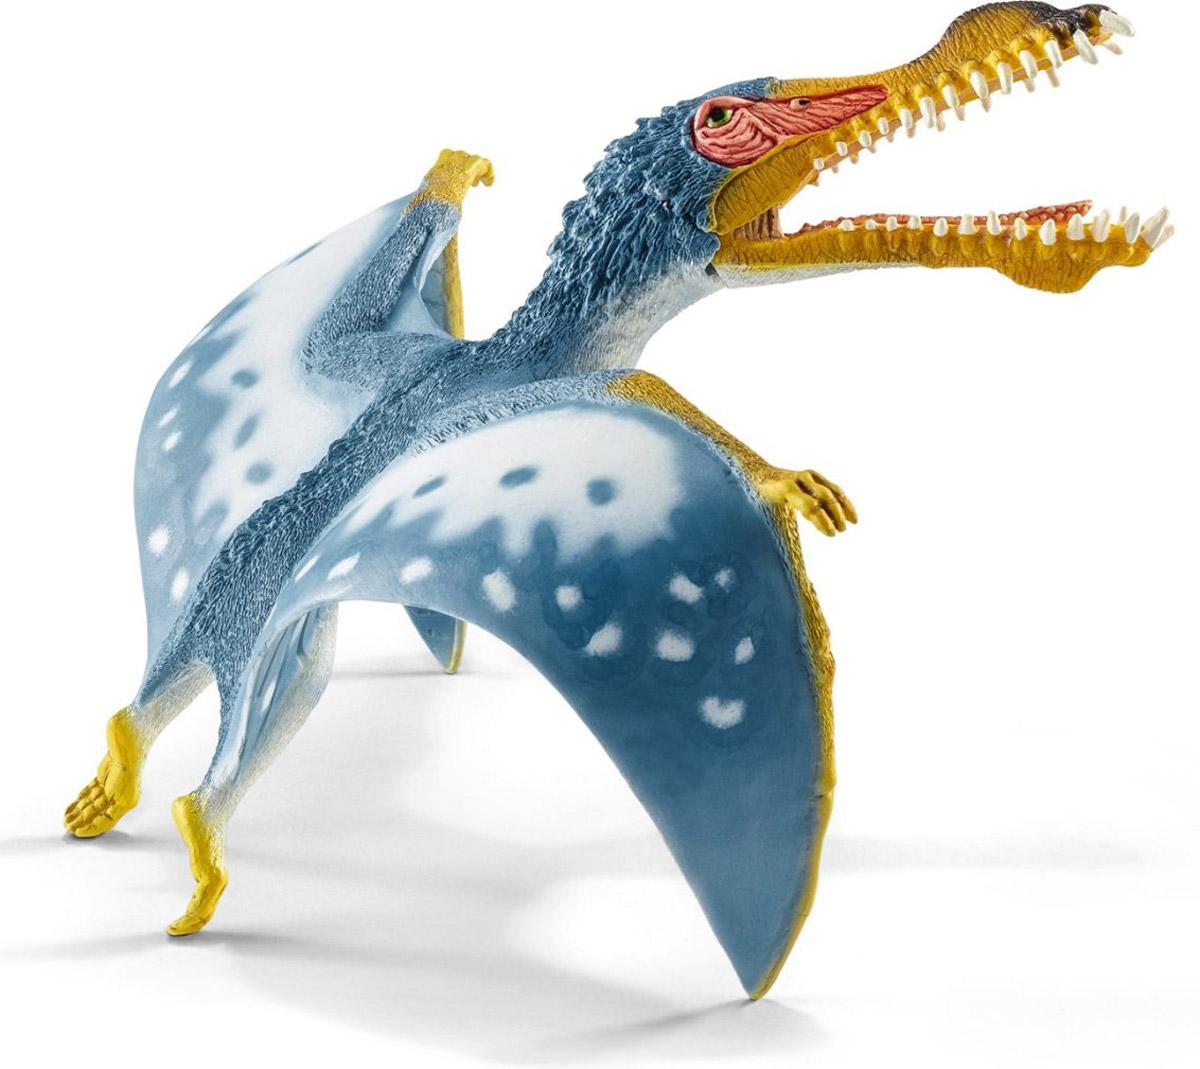 Schleich Фигурка Анхангера14540Древнее животное анхангера представлено в виде фигурки птерозавра и непременно порадует маленьких любителей динозавров своей реалистичностью. Этот птерозавр имеет узкое тело и очень широкие крылья. Их размах доходил до четырех метров. У этого динозавра длинный череп, похожий на голову крокодила, а также длинные острые зубы. Фигурка Schleich Анхангера выполнена из качественного каучукового пластика, который безопасен для детей и не вызывает аллергию. Фигурка станет достойным пополнением красочной коллекции, которая восхищает детей и взрослых. Нижняя челюсть фигурки подвижная.